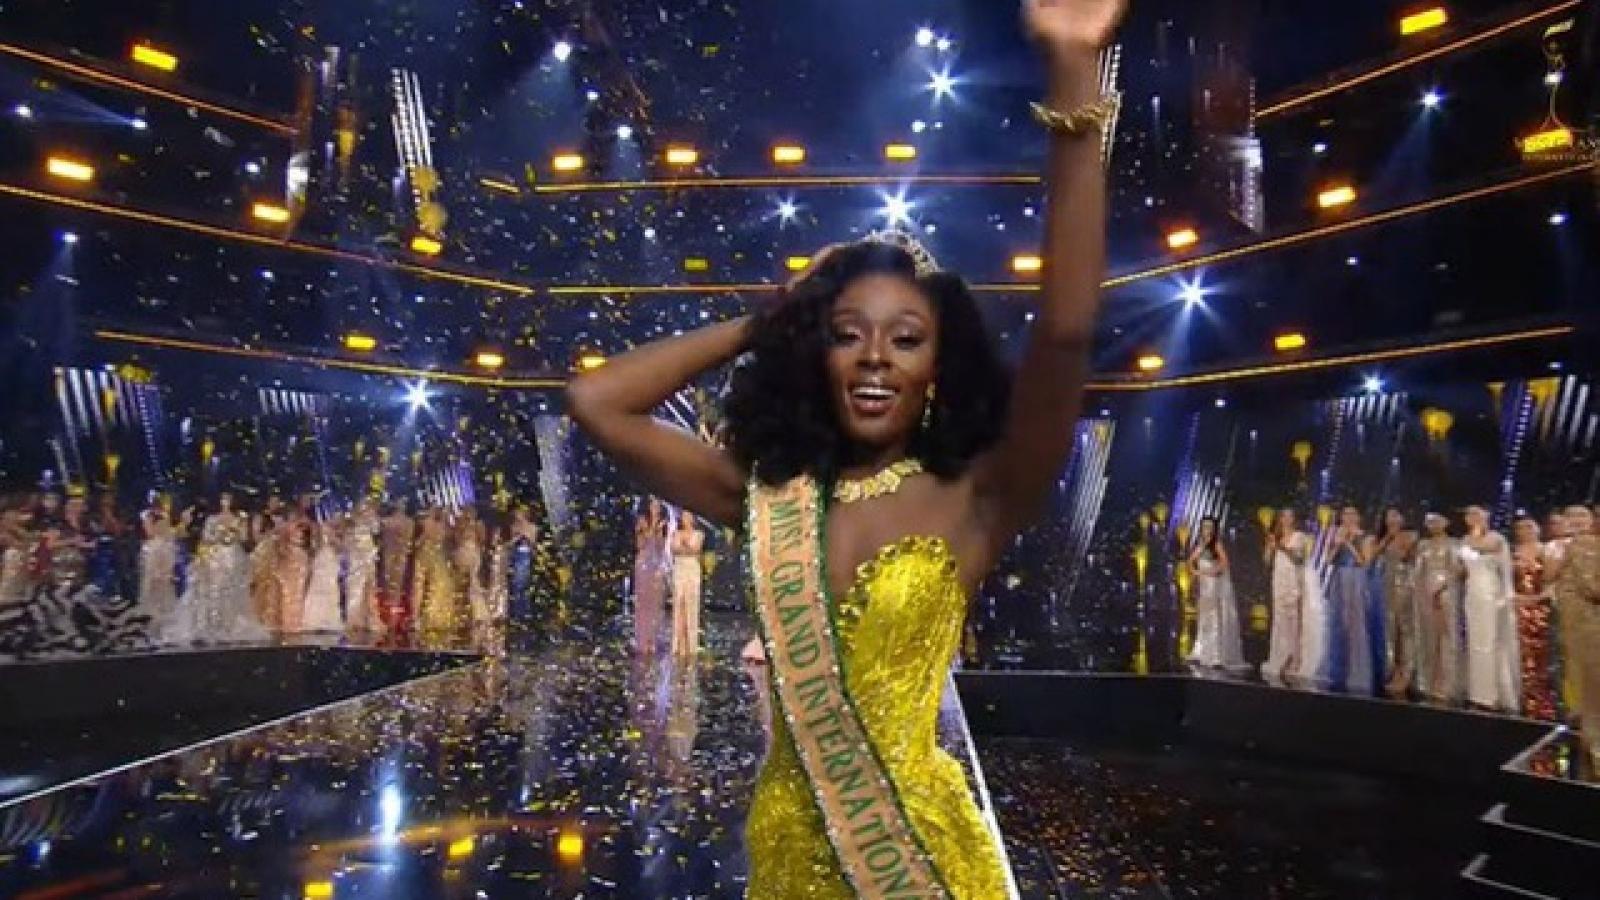 Người đẹp Mỹ đăng quang Hoa hậu Hòa bình Thế giới, Ngọc Thảo dừng chân ở top 20